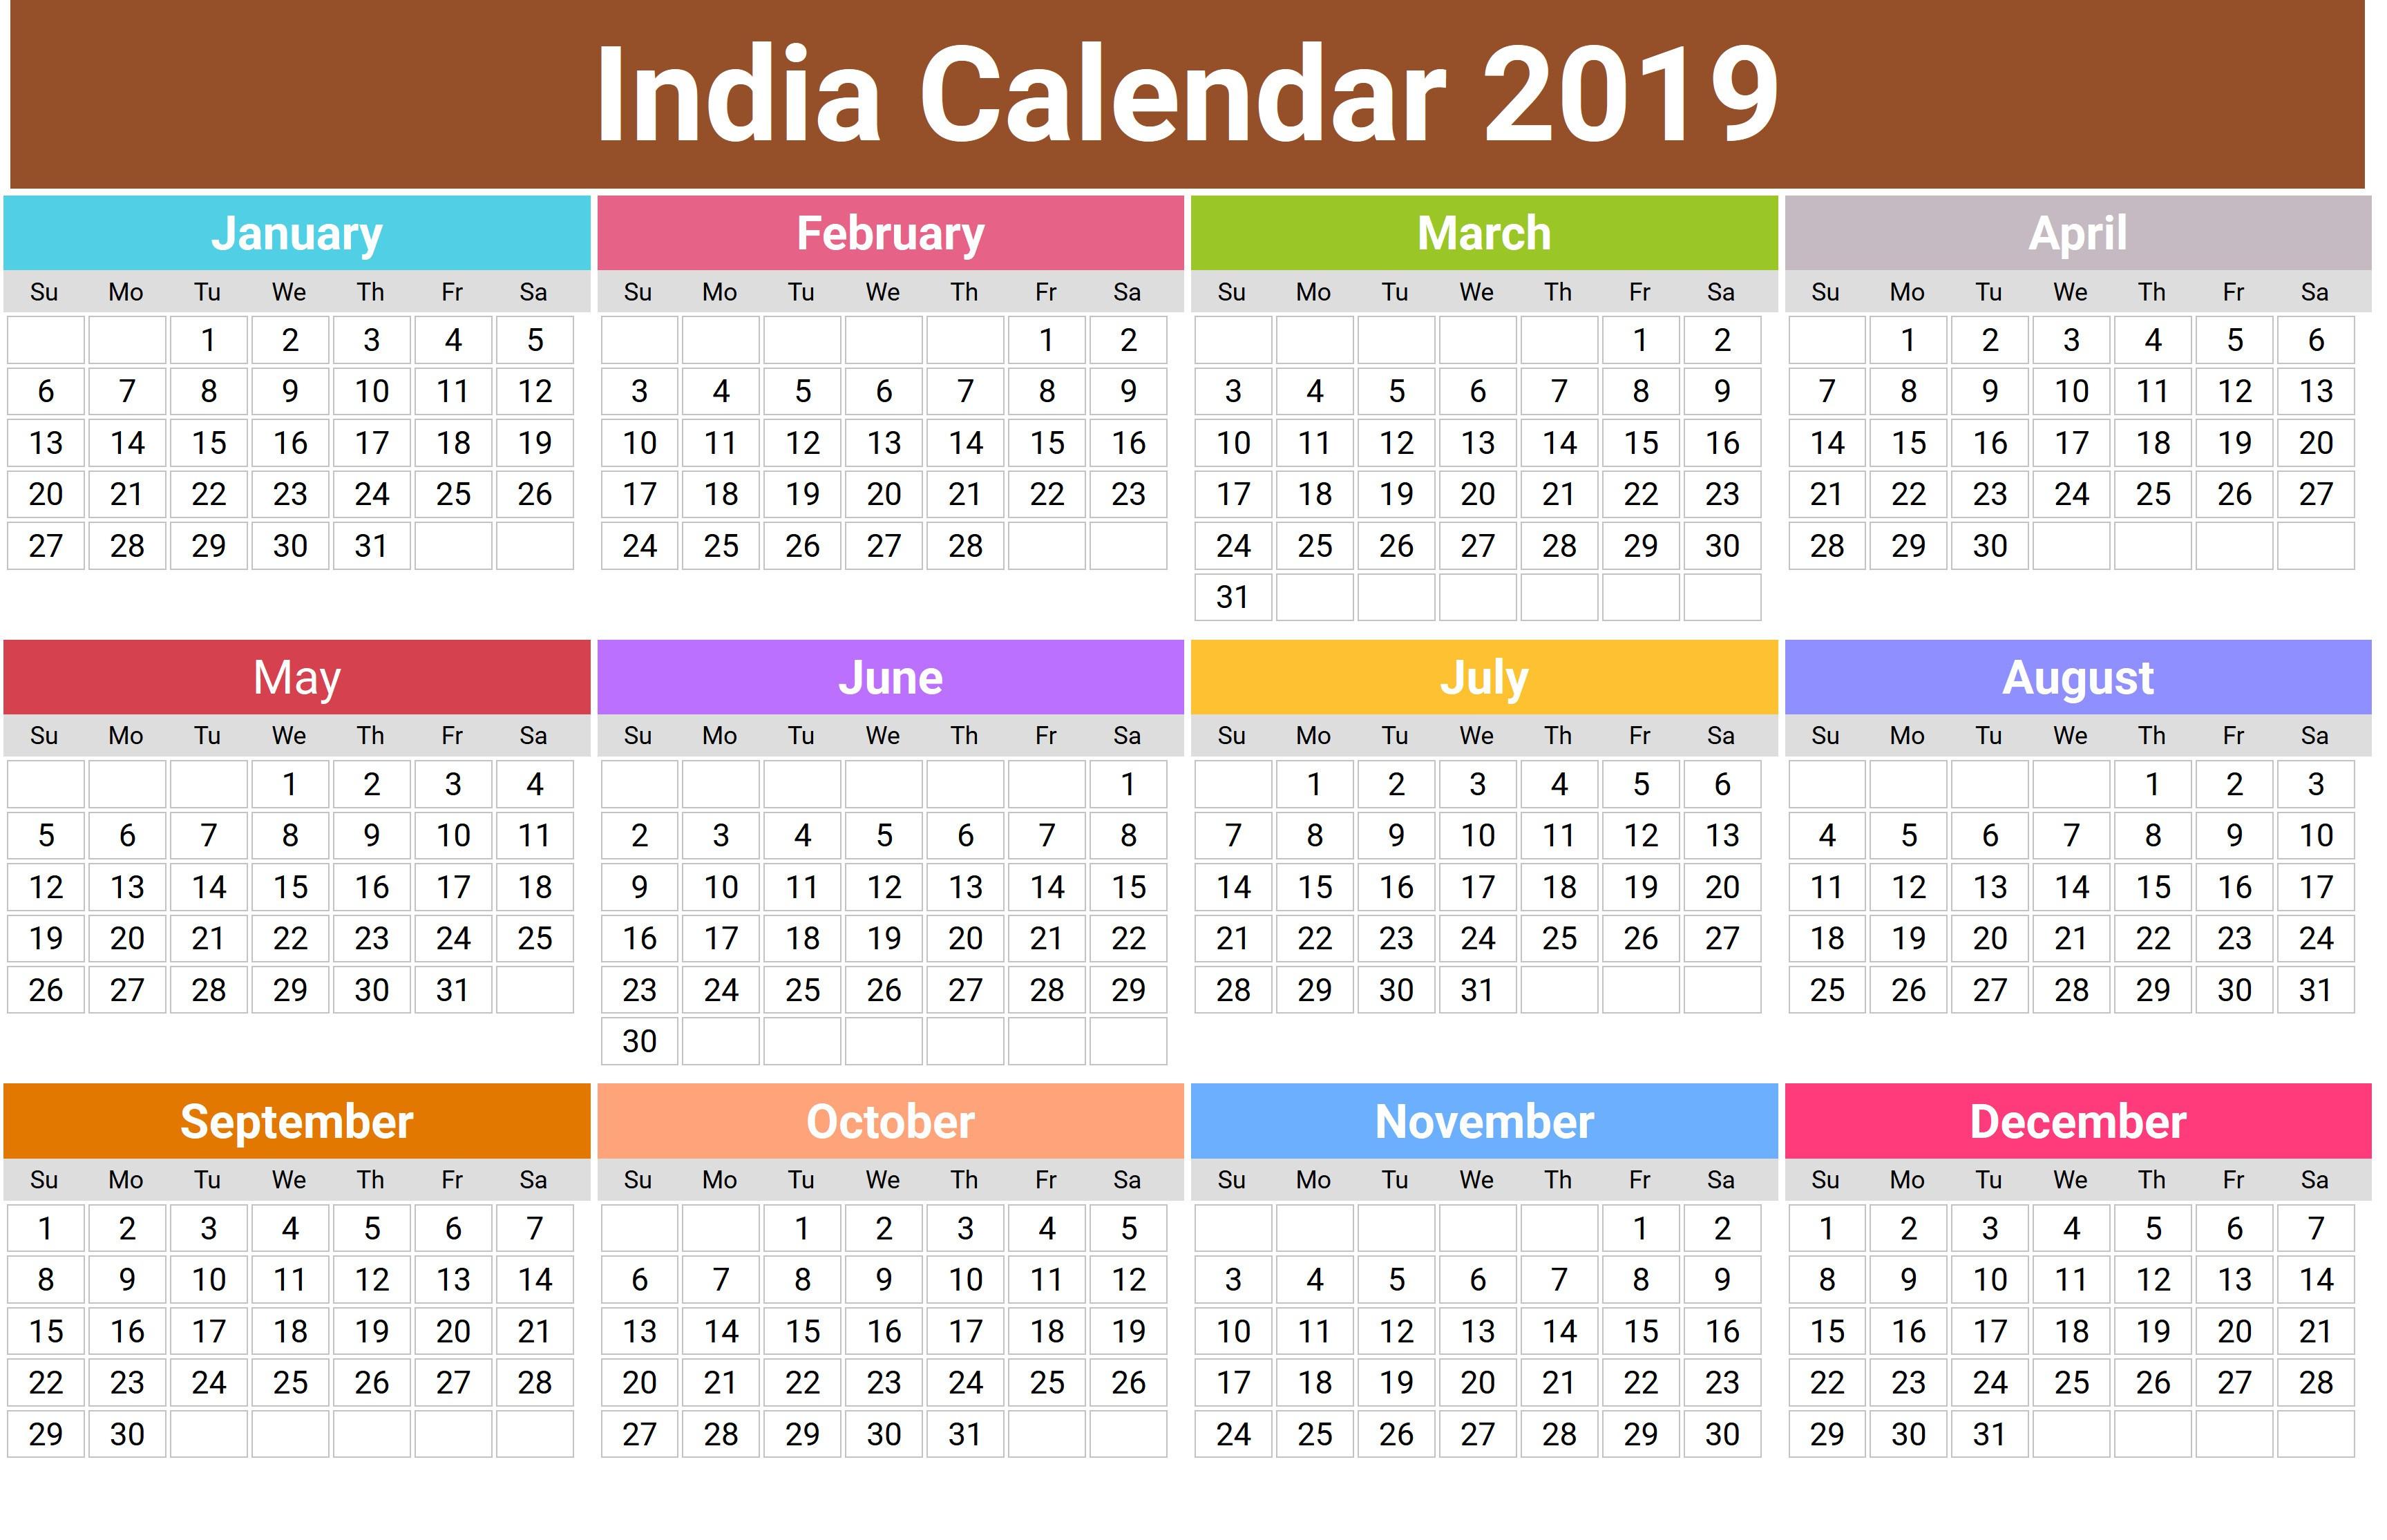 Tyohar, Holidays, Festivals